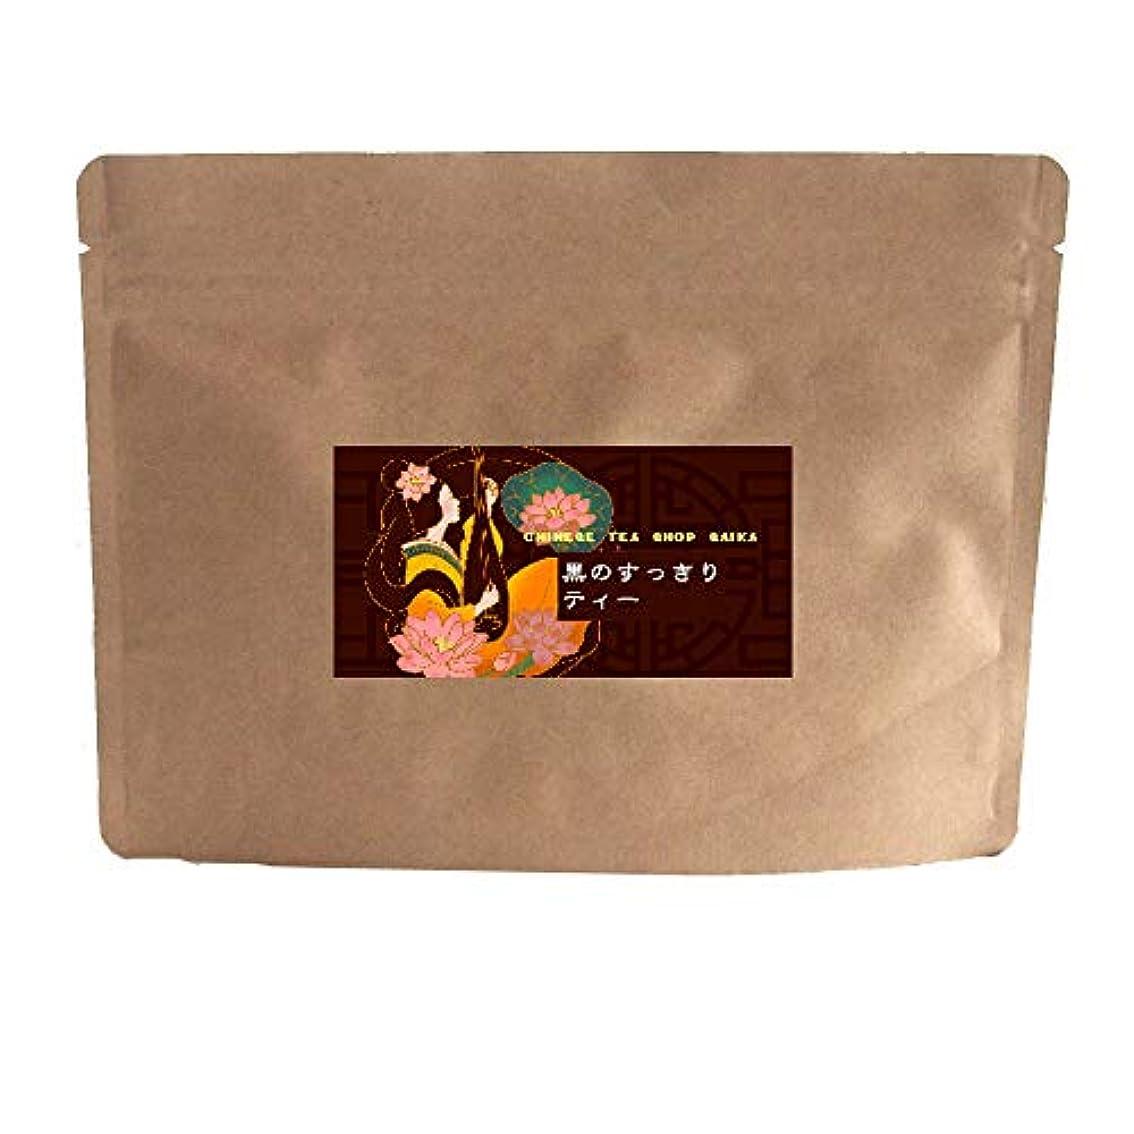 権限シリング染色チャコールクレンズティー 黒のすっきりティー100g 炭配合 炭パウダー チャコールクレンズ ダイエット炭ダイエット